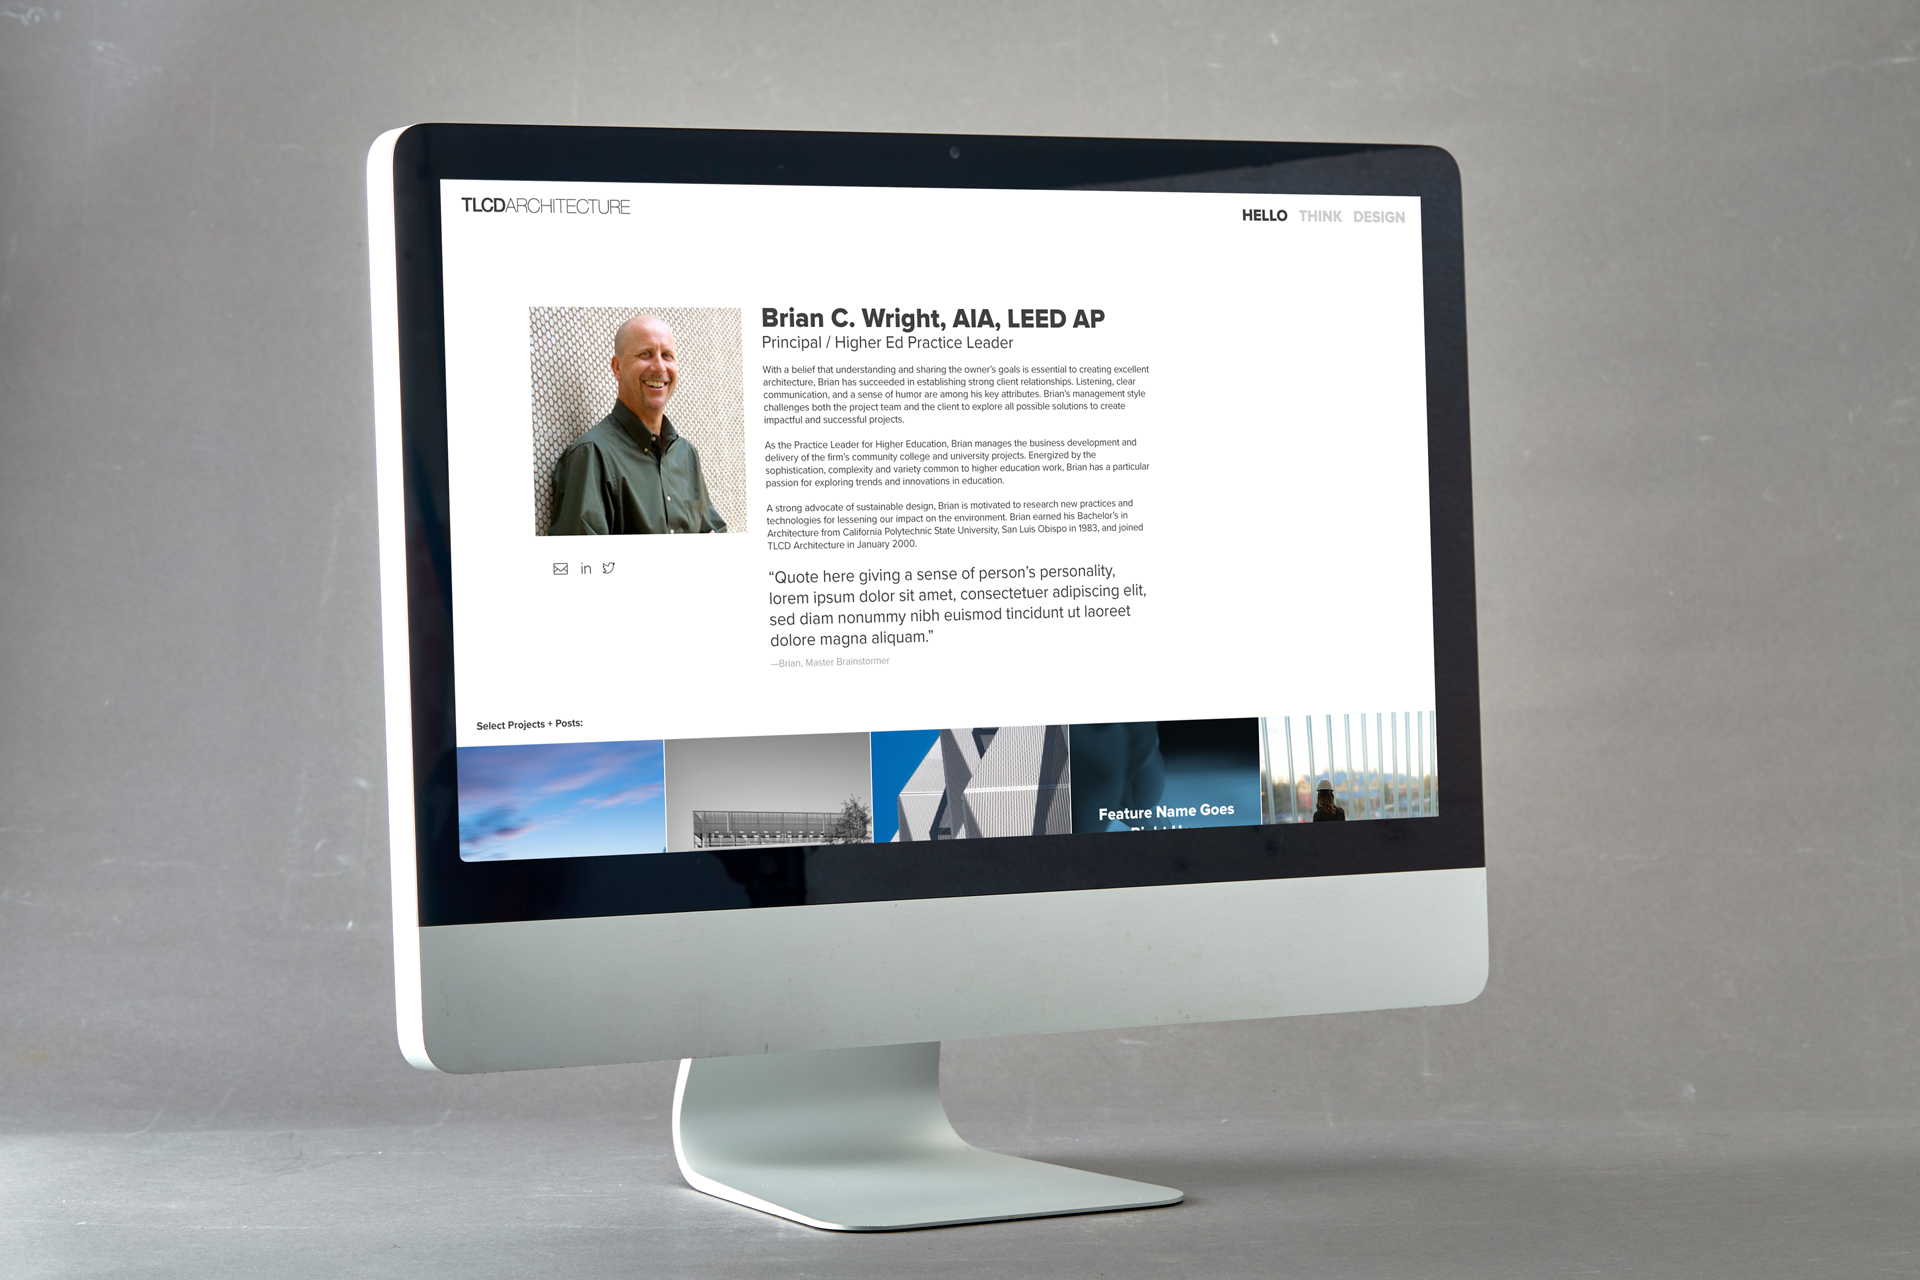 TLCDwebsite9.jpg